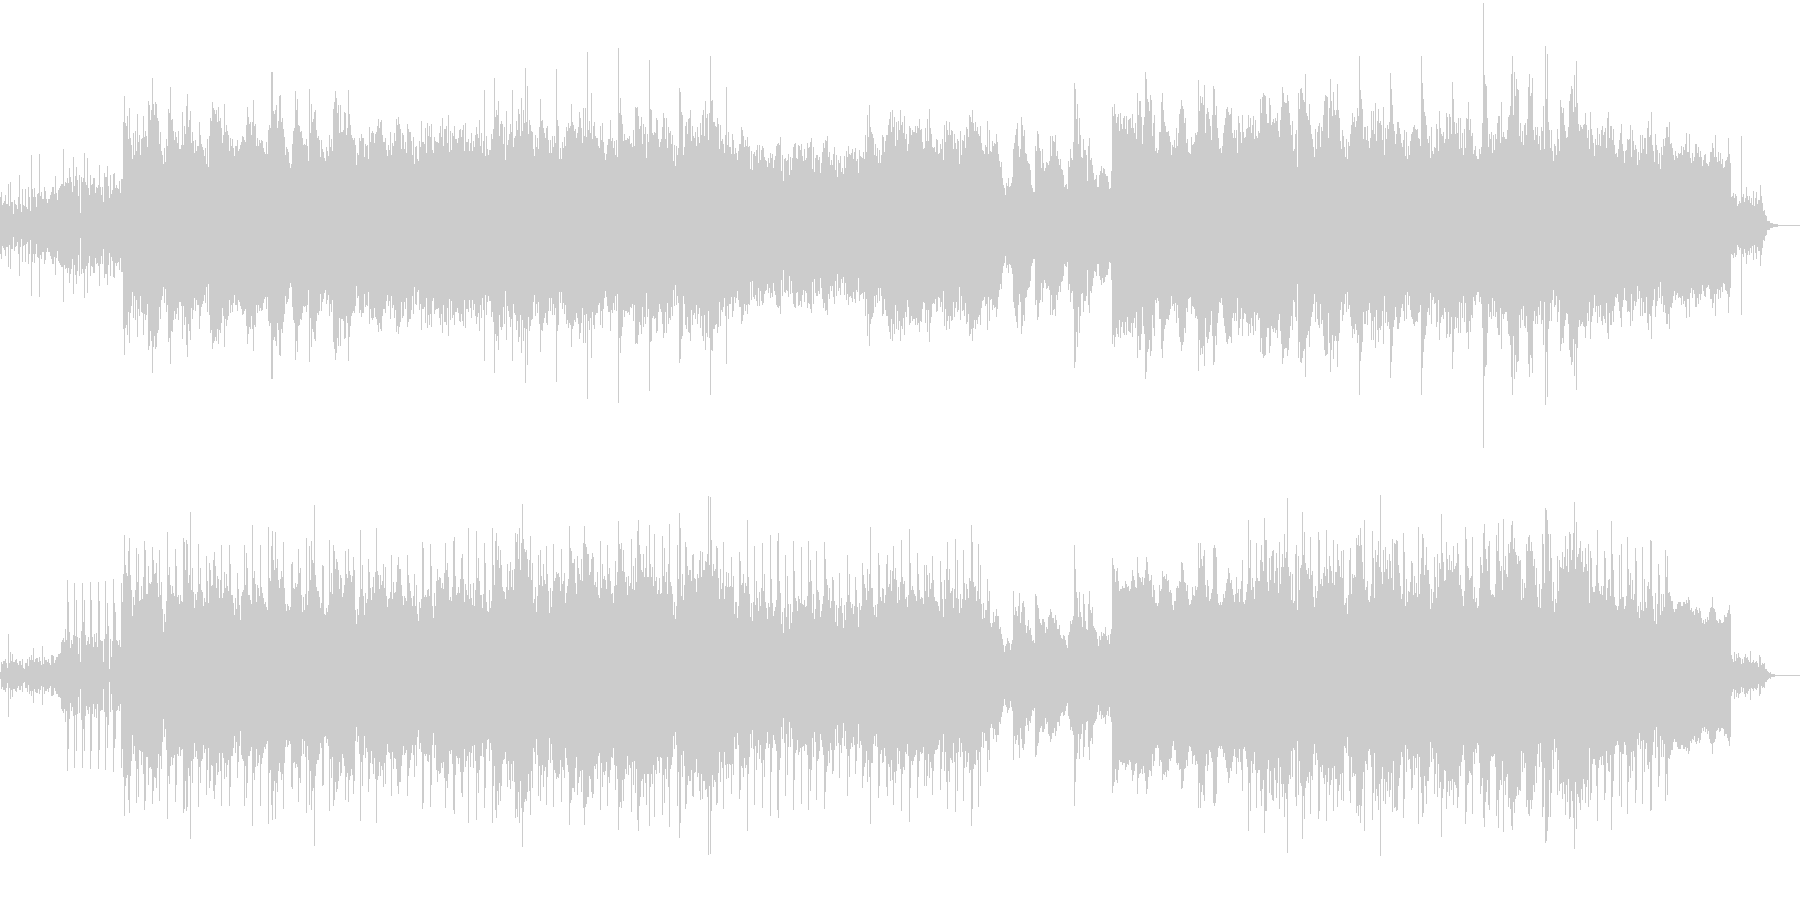 【切ないバラード系】テクノロックBGMの未再生の波形